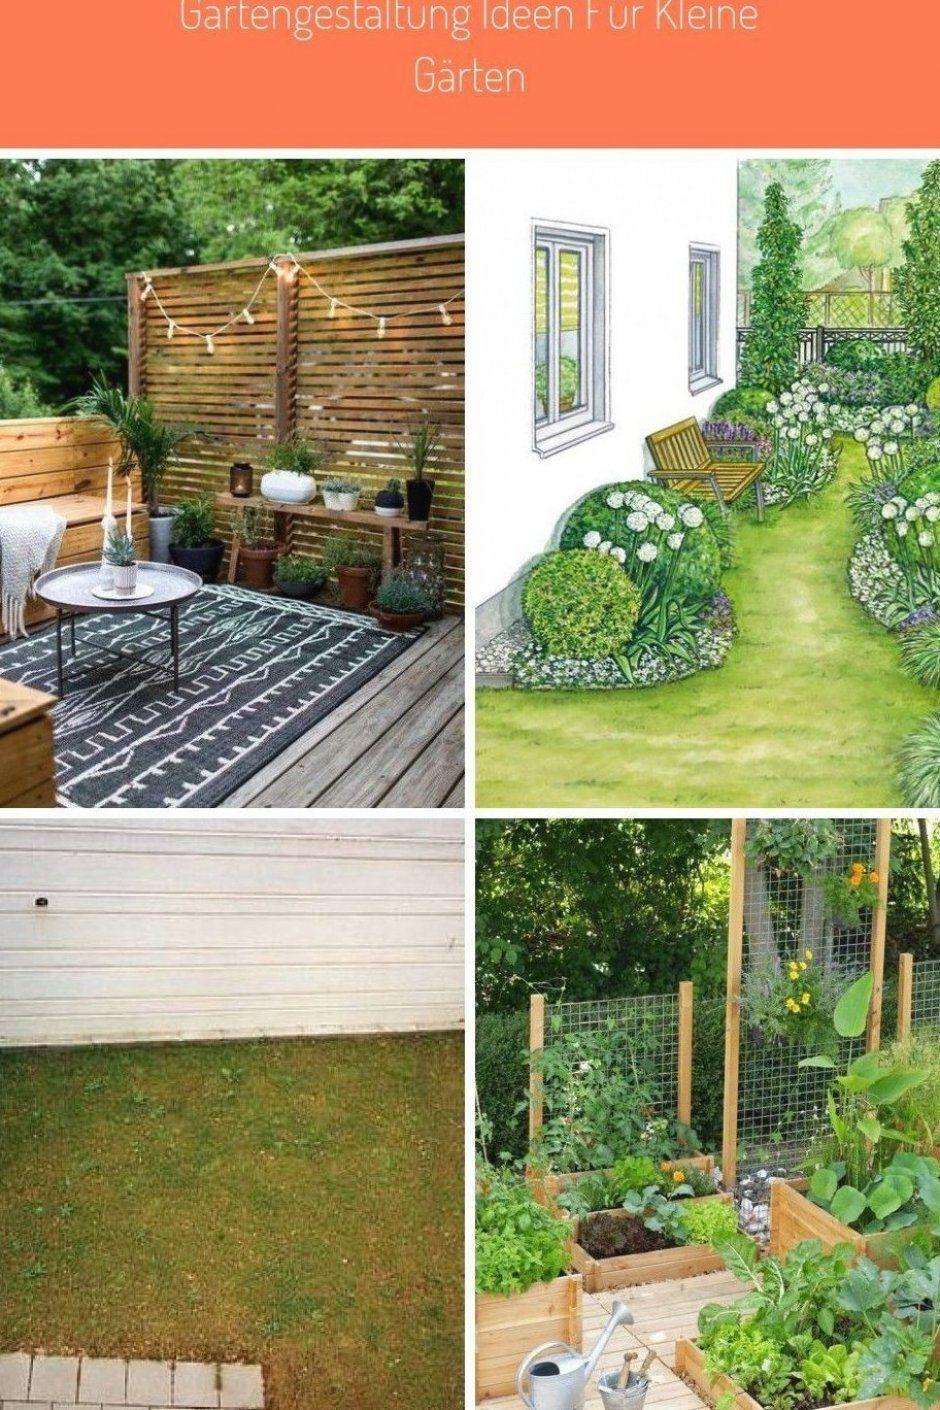 Kleinergarten Gartengestaltung Ideen F R Kleine G Rten Gestalten Str Ucher Sichtschutz In 2020 Gartengestaltung Ideen Gartengestaltung Kleiner Garten